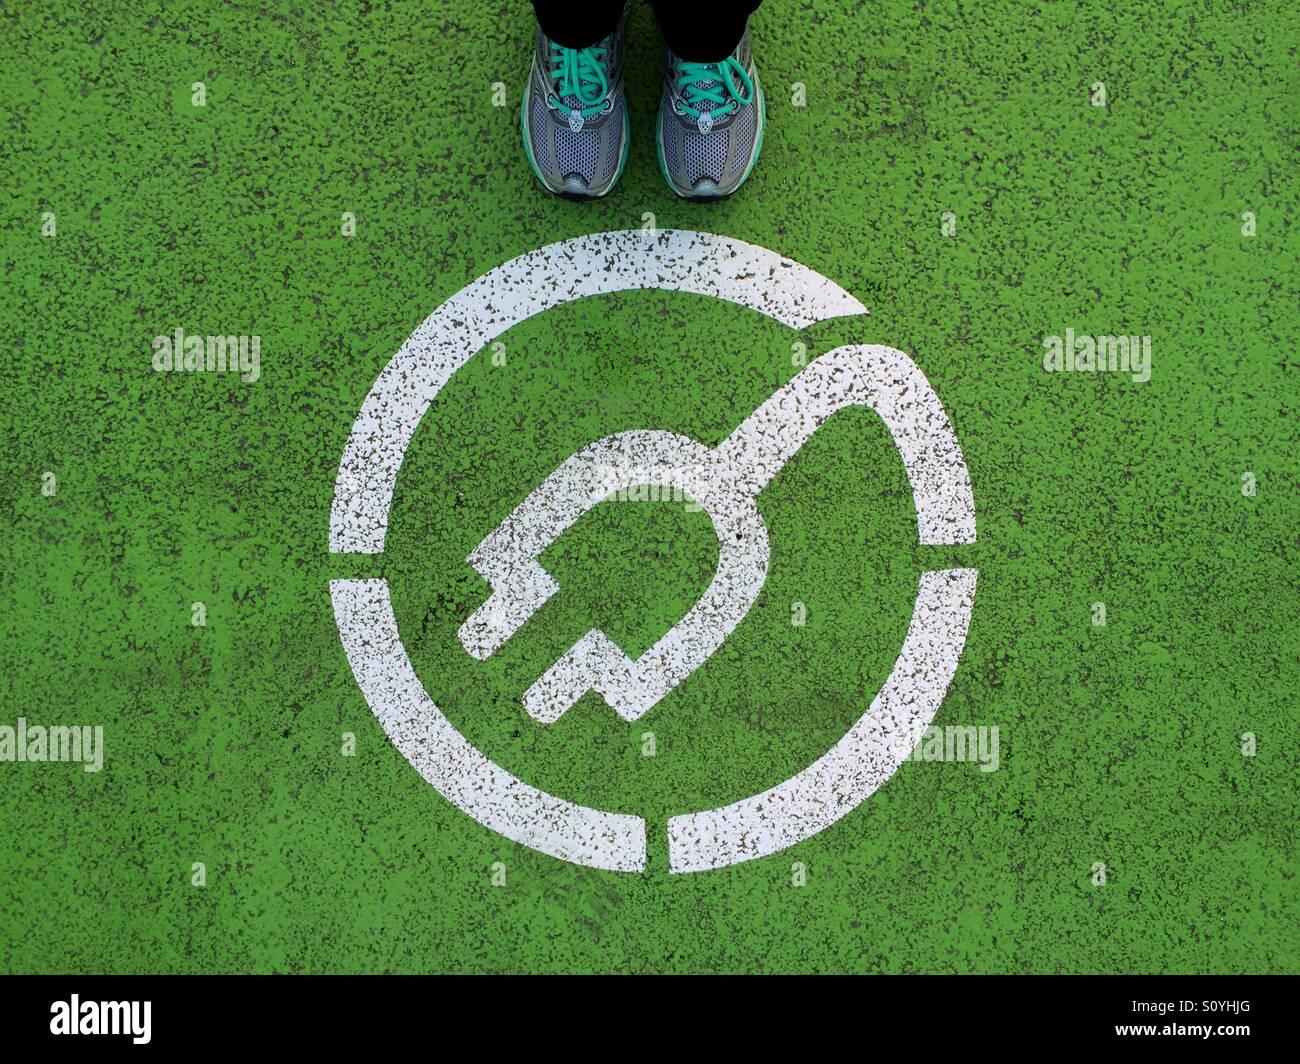 De pie junto a la señal de punto de recarga de coches eléctricos Imagen De Stock